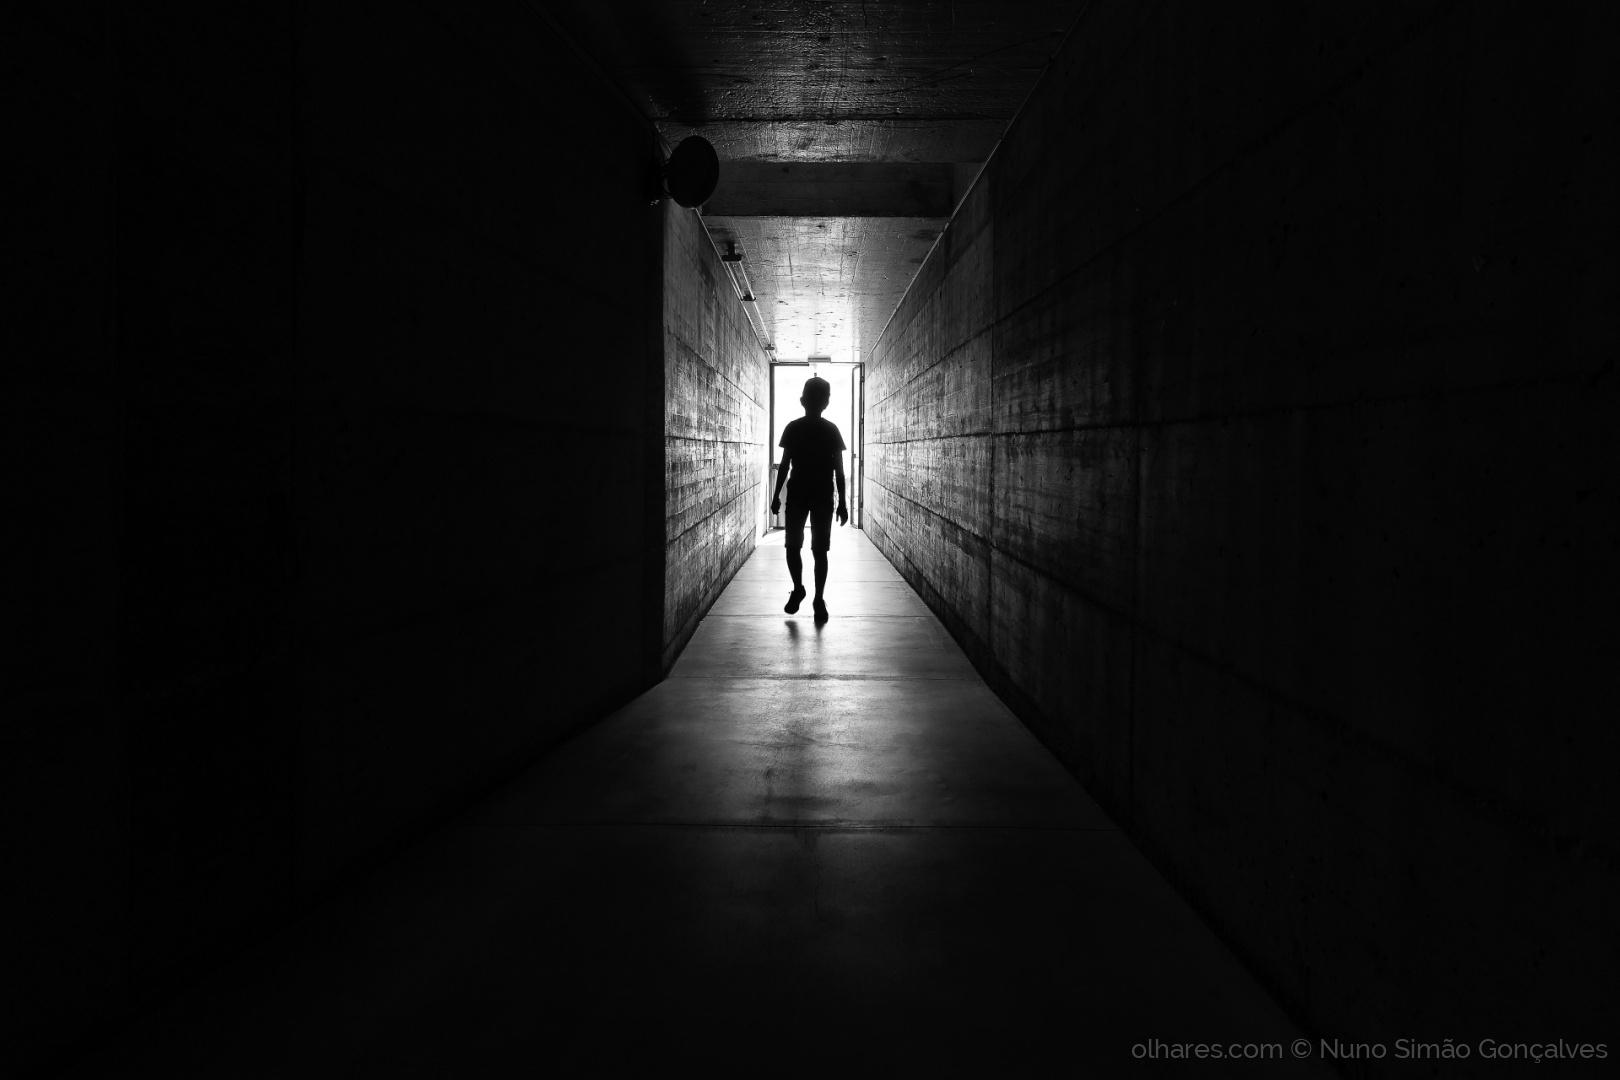 © Nuno Simão Gonçalves - silhouette 110